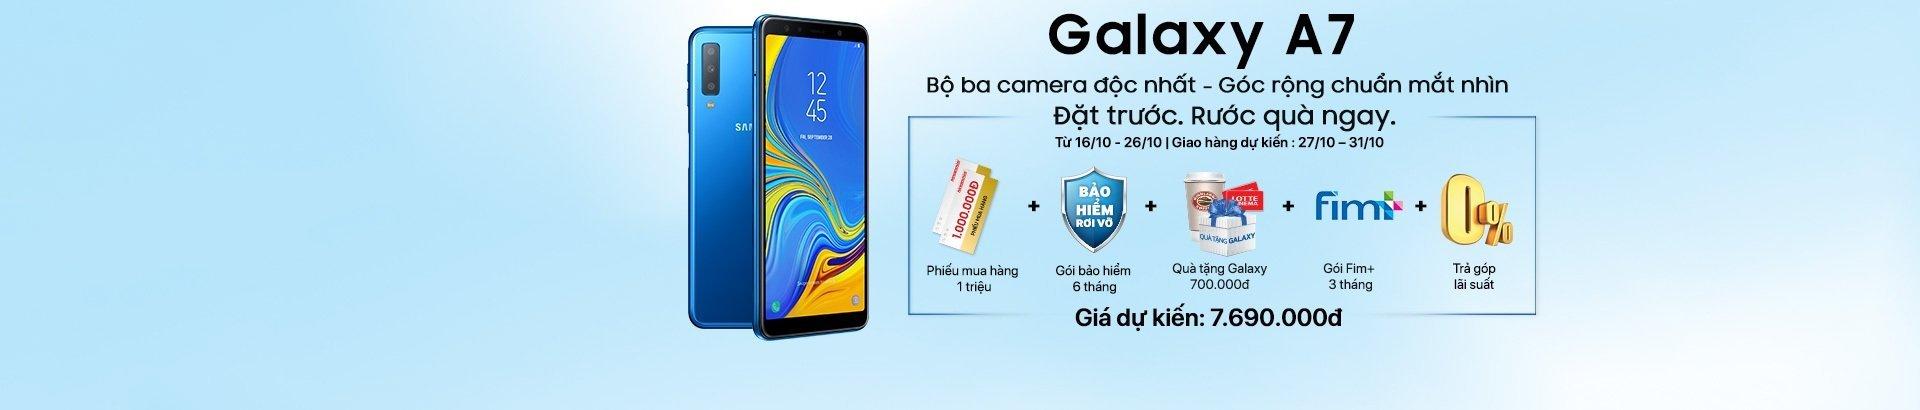 Đặt Galaxy A7<br/>Nhận quà hot